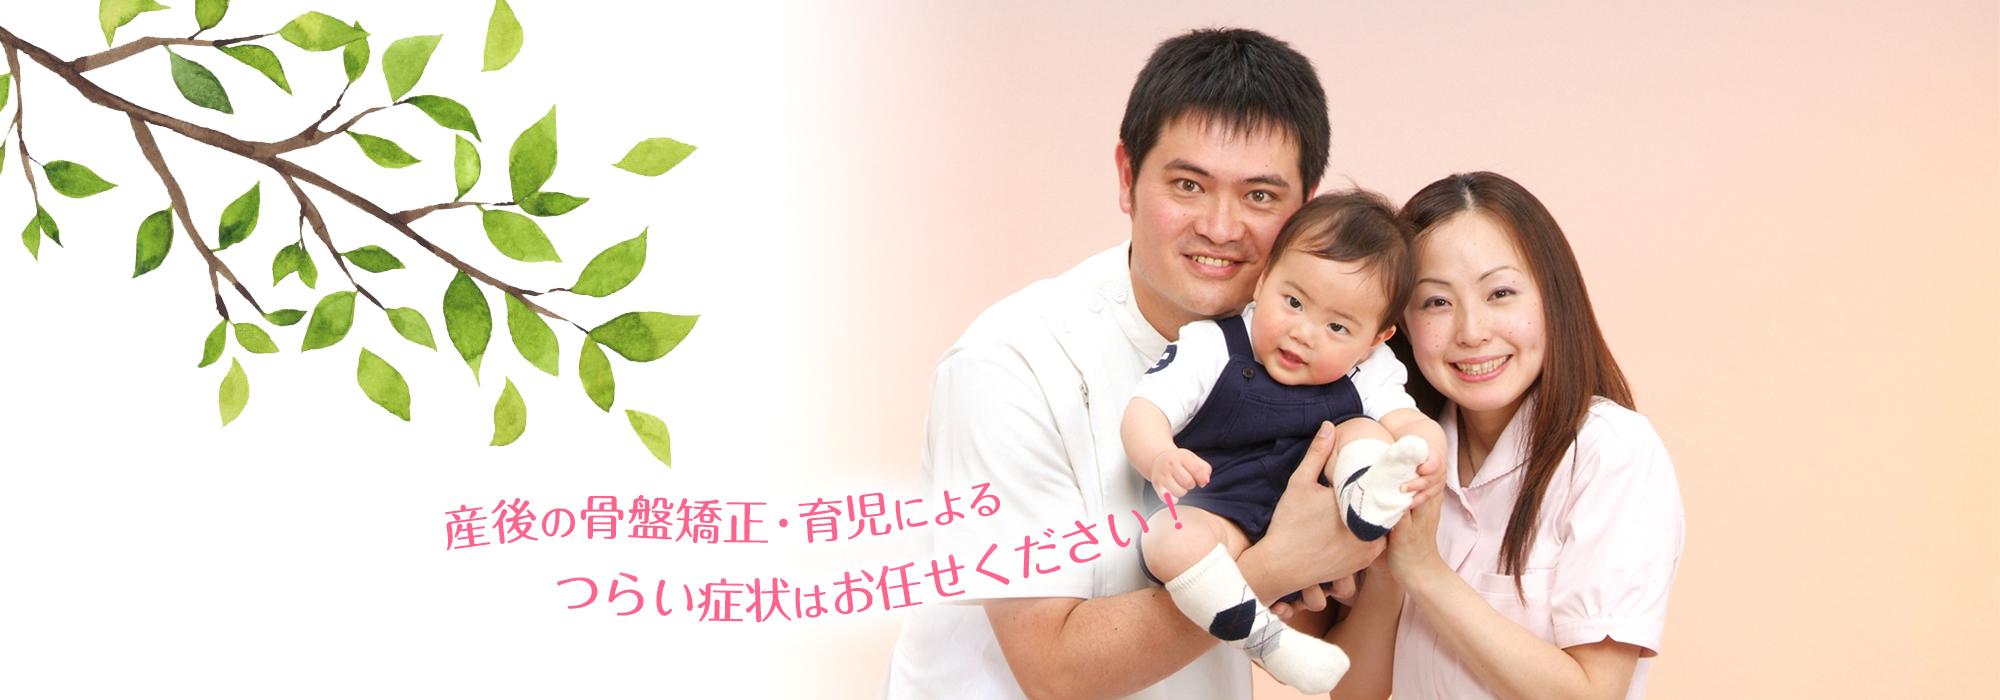 産後の骨盤矯正・育児によるつらい症状は お任せください!